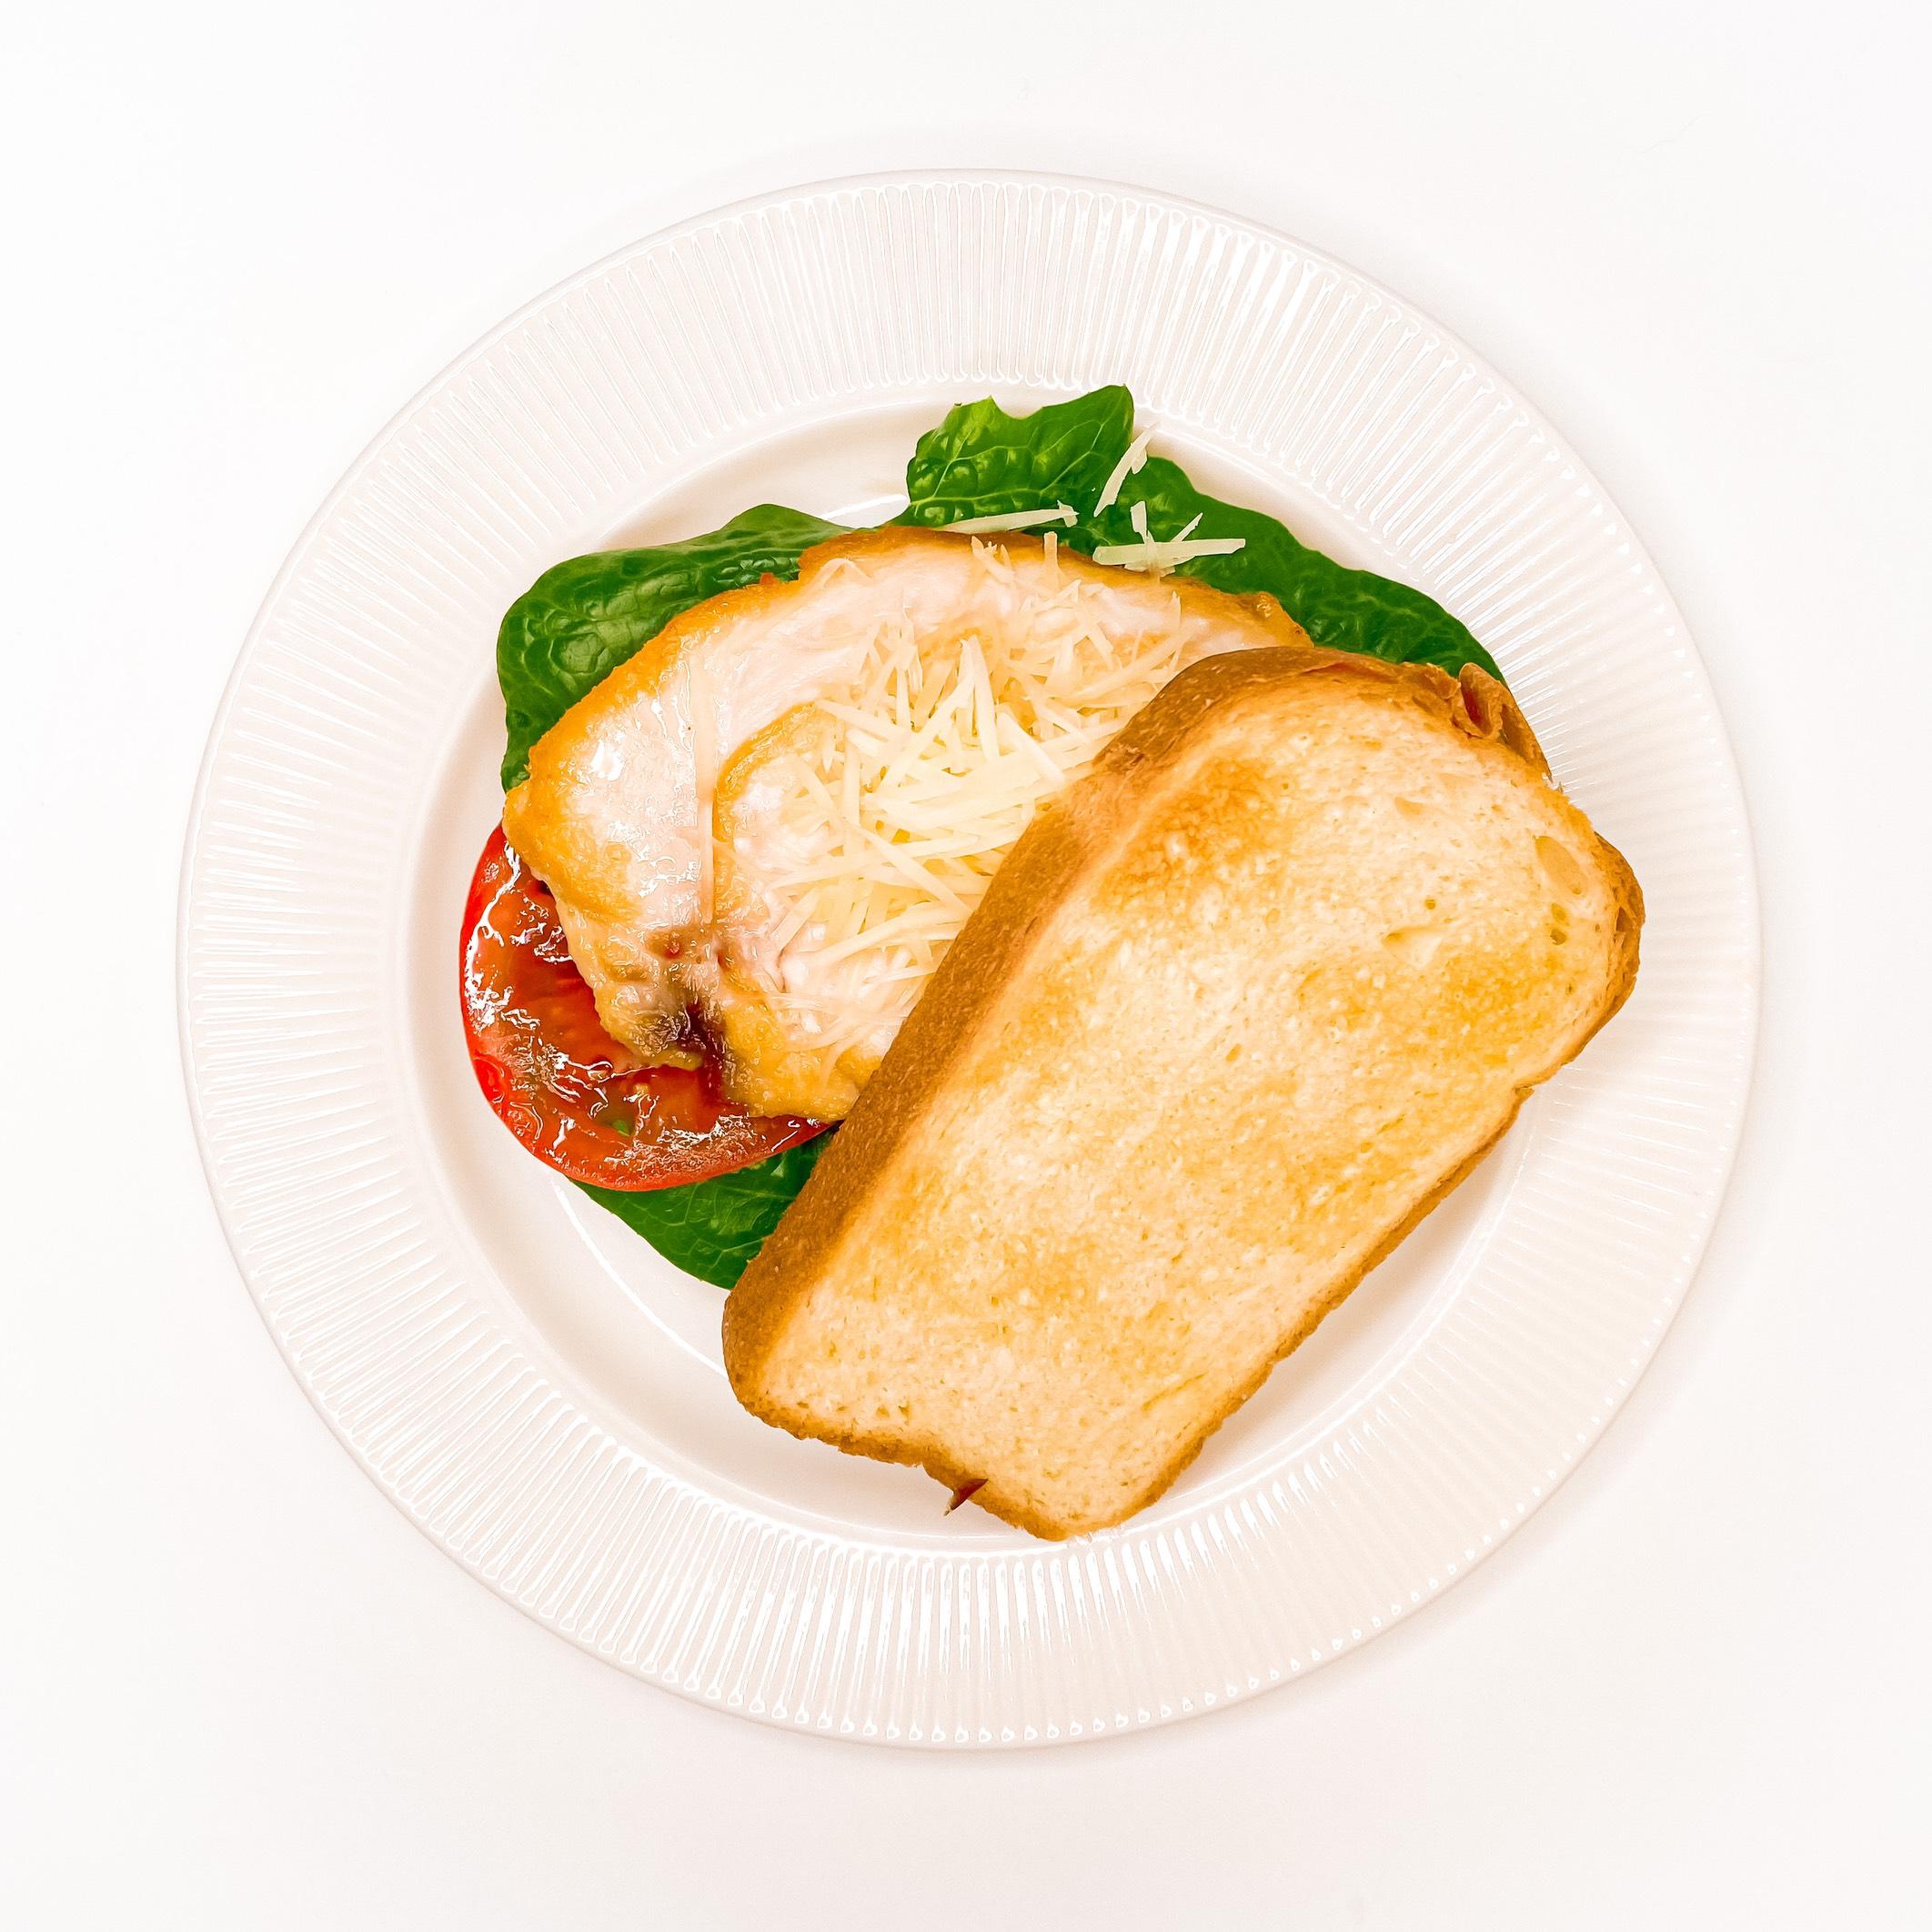 Сэндвич с курицей и анчоусным соусом